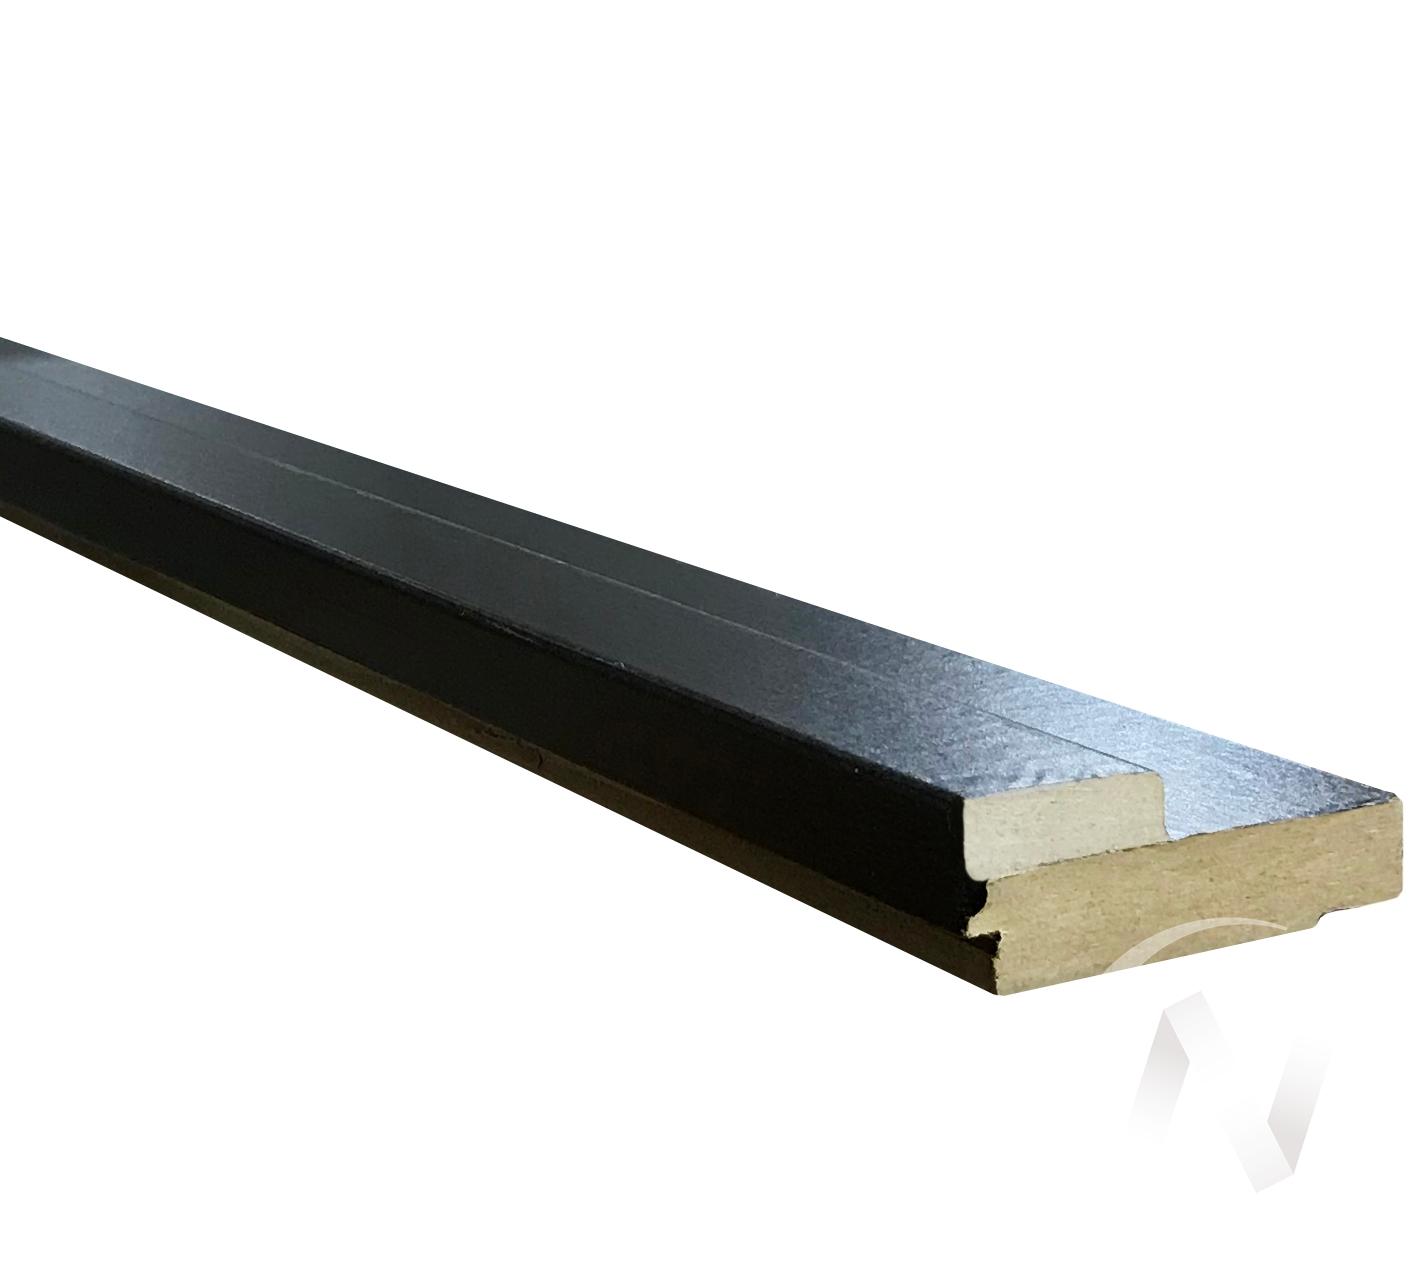 Коробка ламинированная (квадратная, 70*26*2070, венге, с пазом)  в Томске — интернет магазин МИРА-мебель